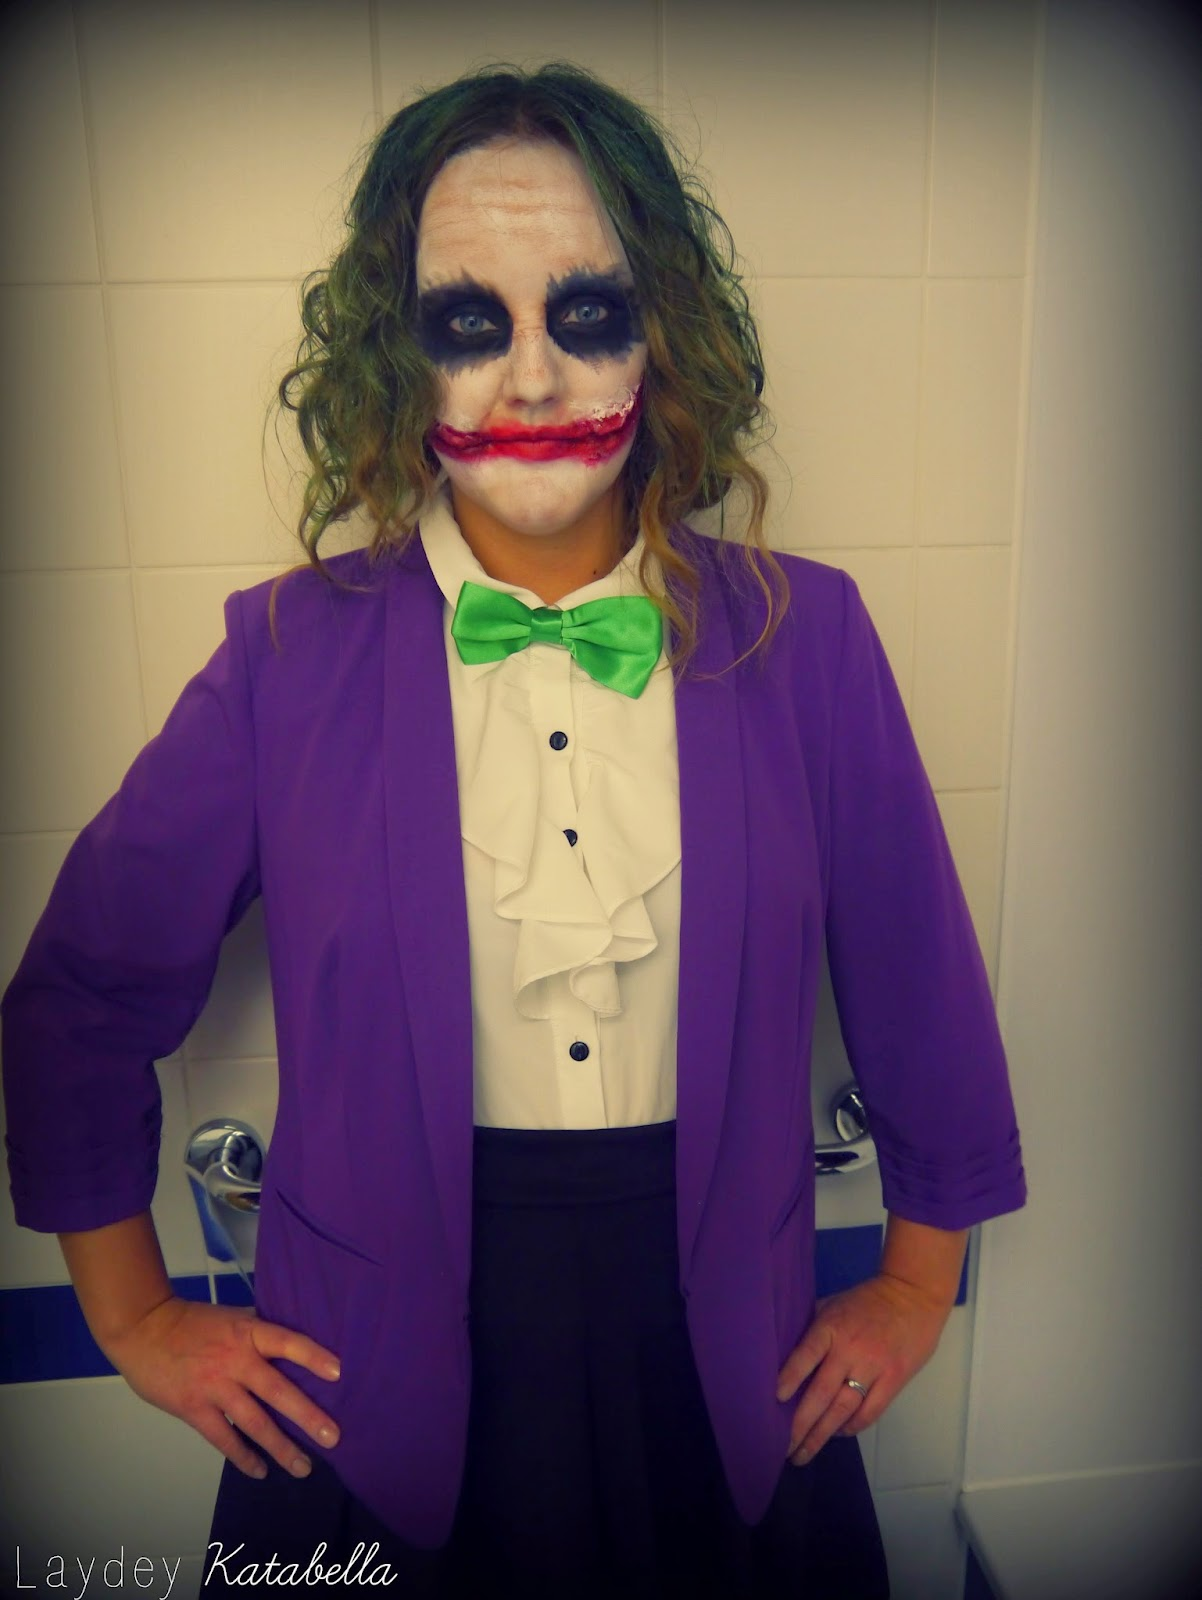 the joker fancy dress costume